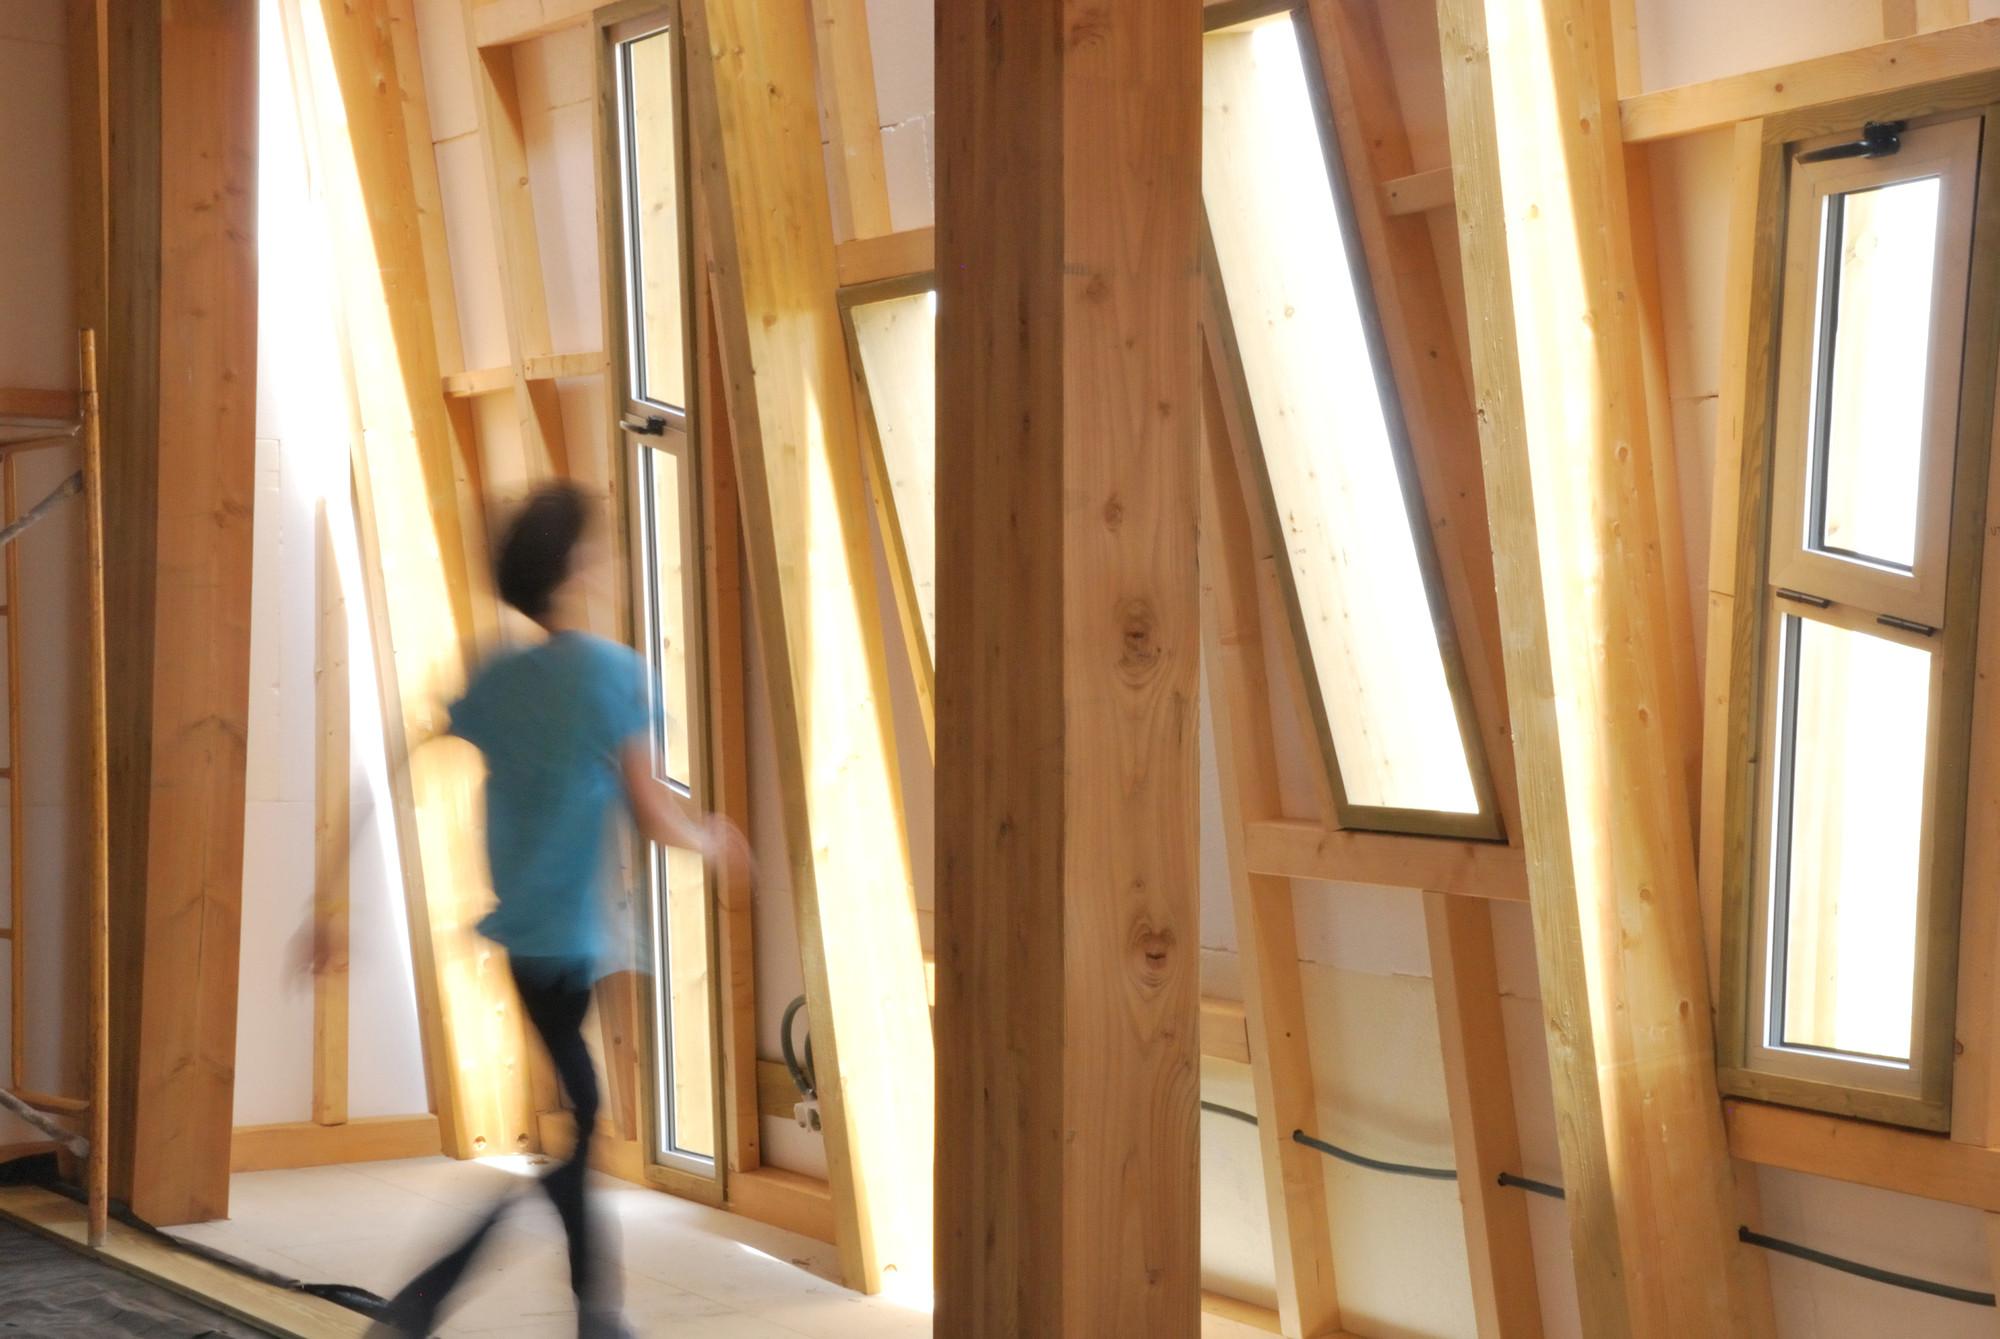 EVOA - Environmental Interpretation Center / Maisr Arquitetos